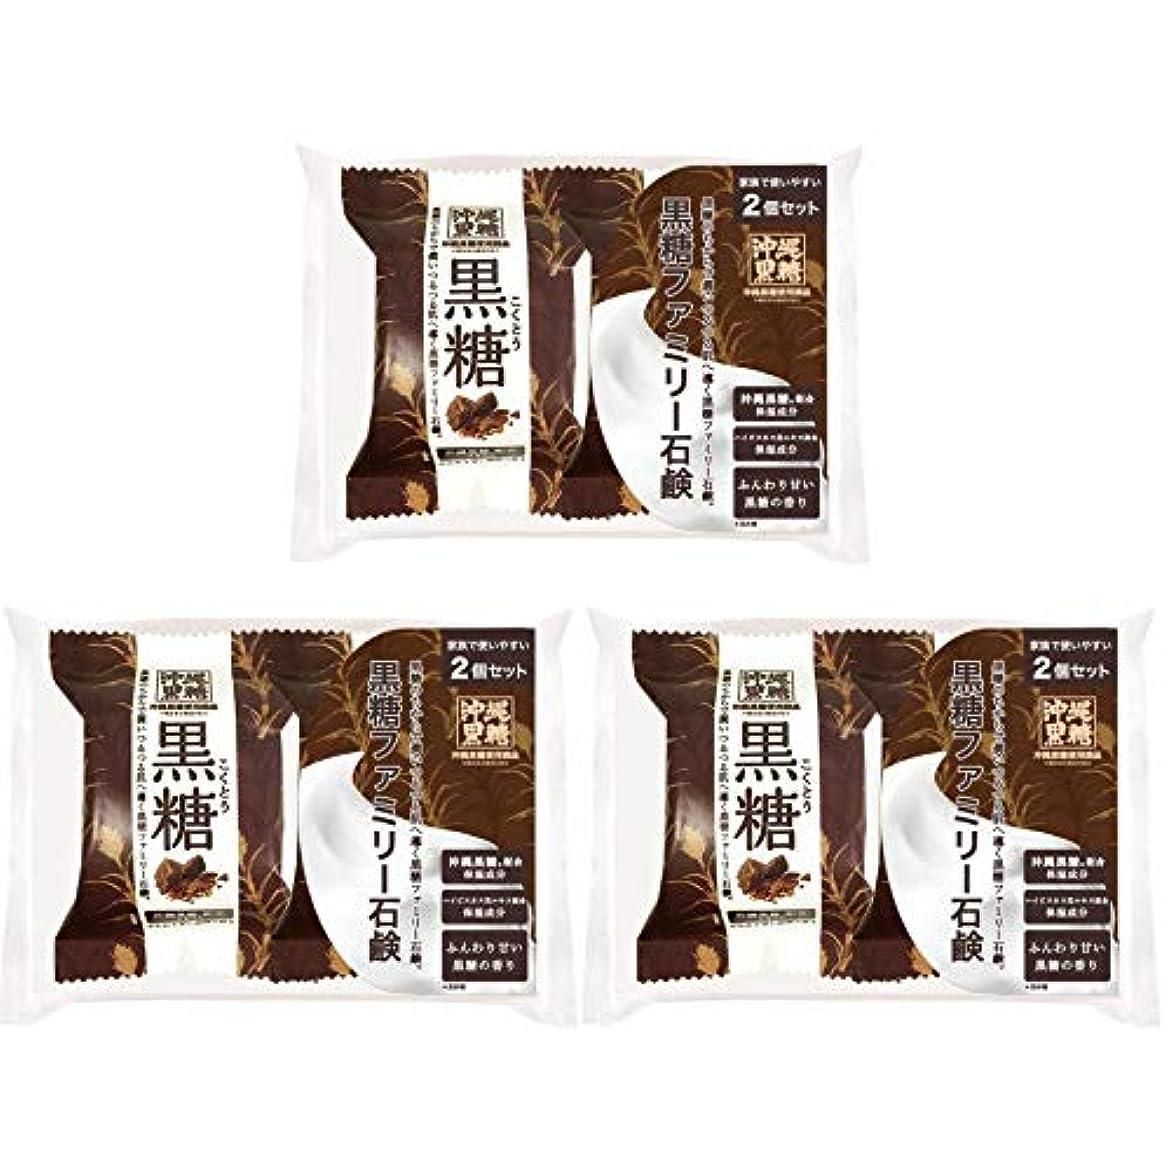 カレッジ機動びっくりした【3個セット】ペリカン石鹸 ファミリー黒糖石鹸 80g×2個